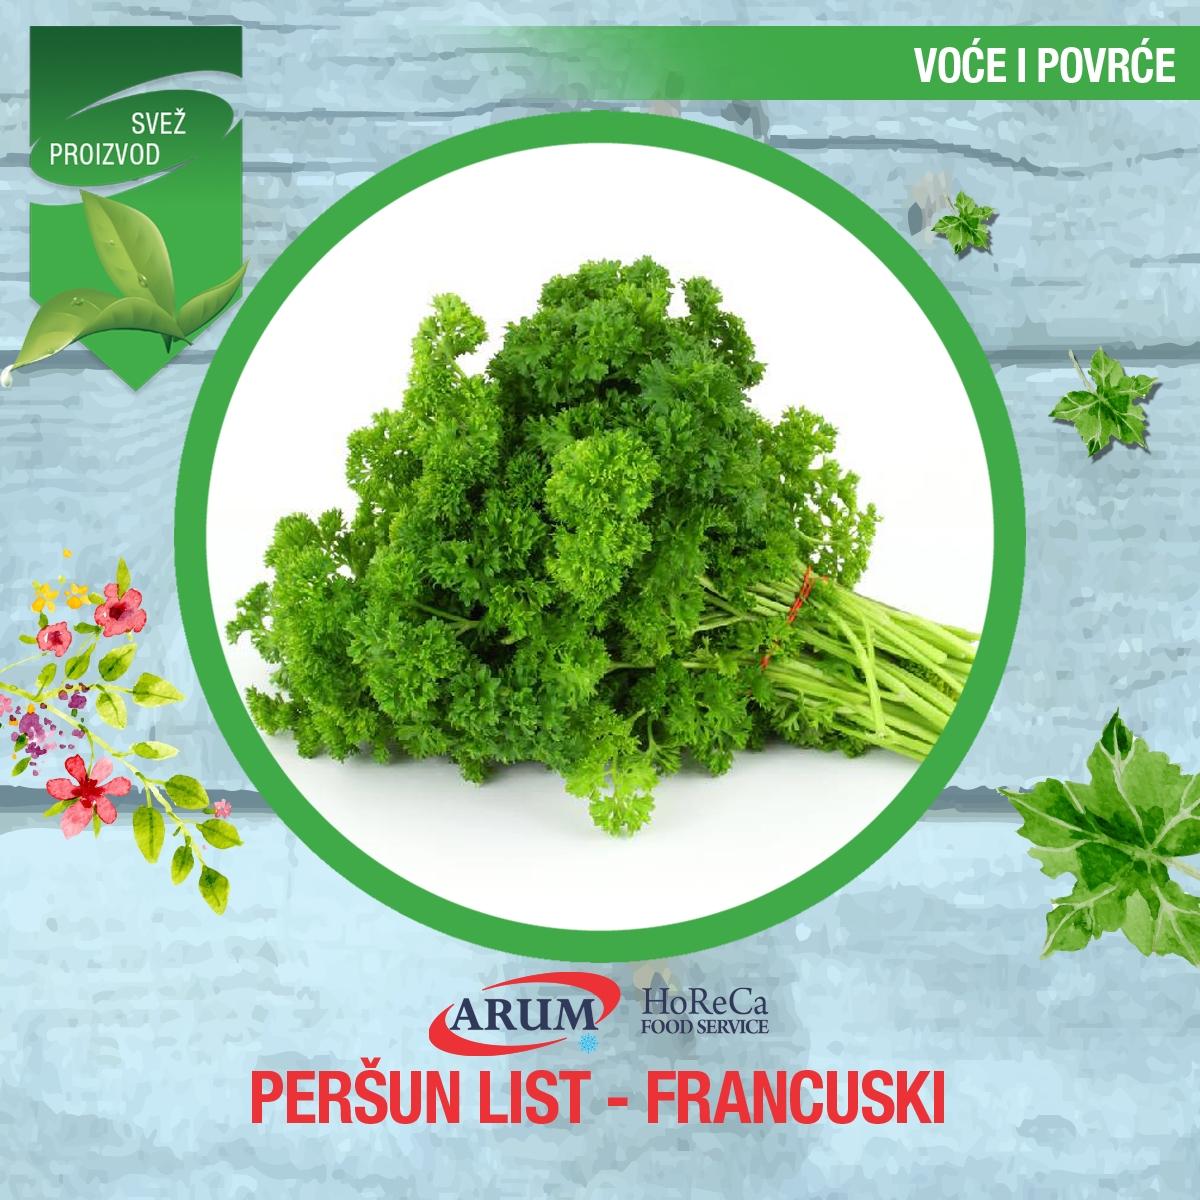 Persun list - francuski